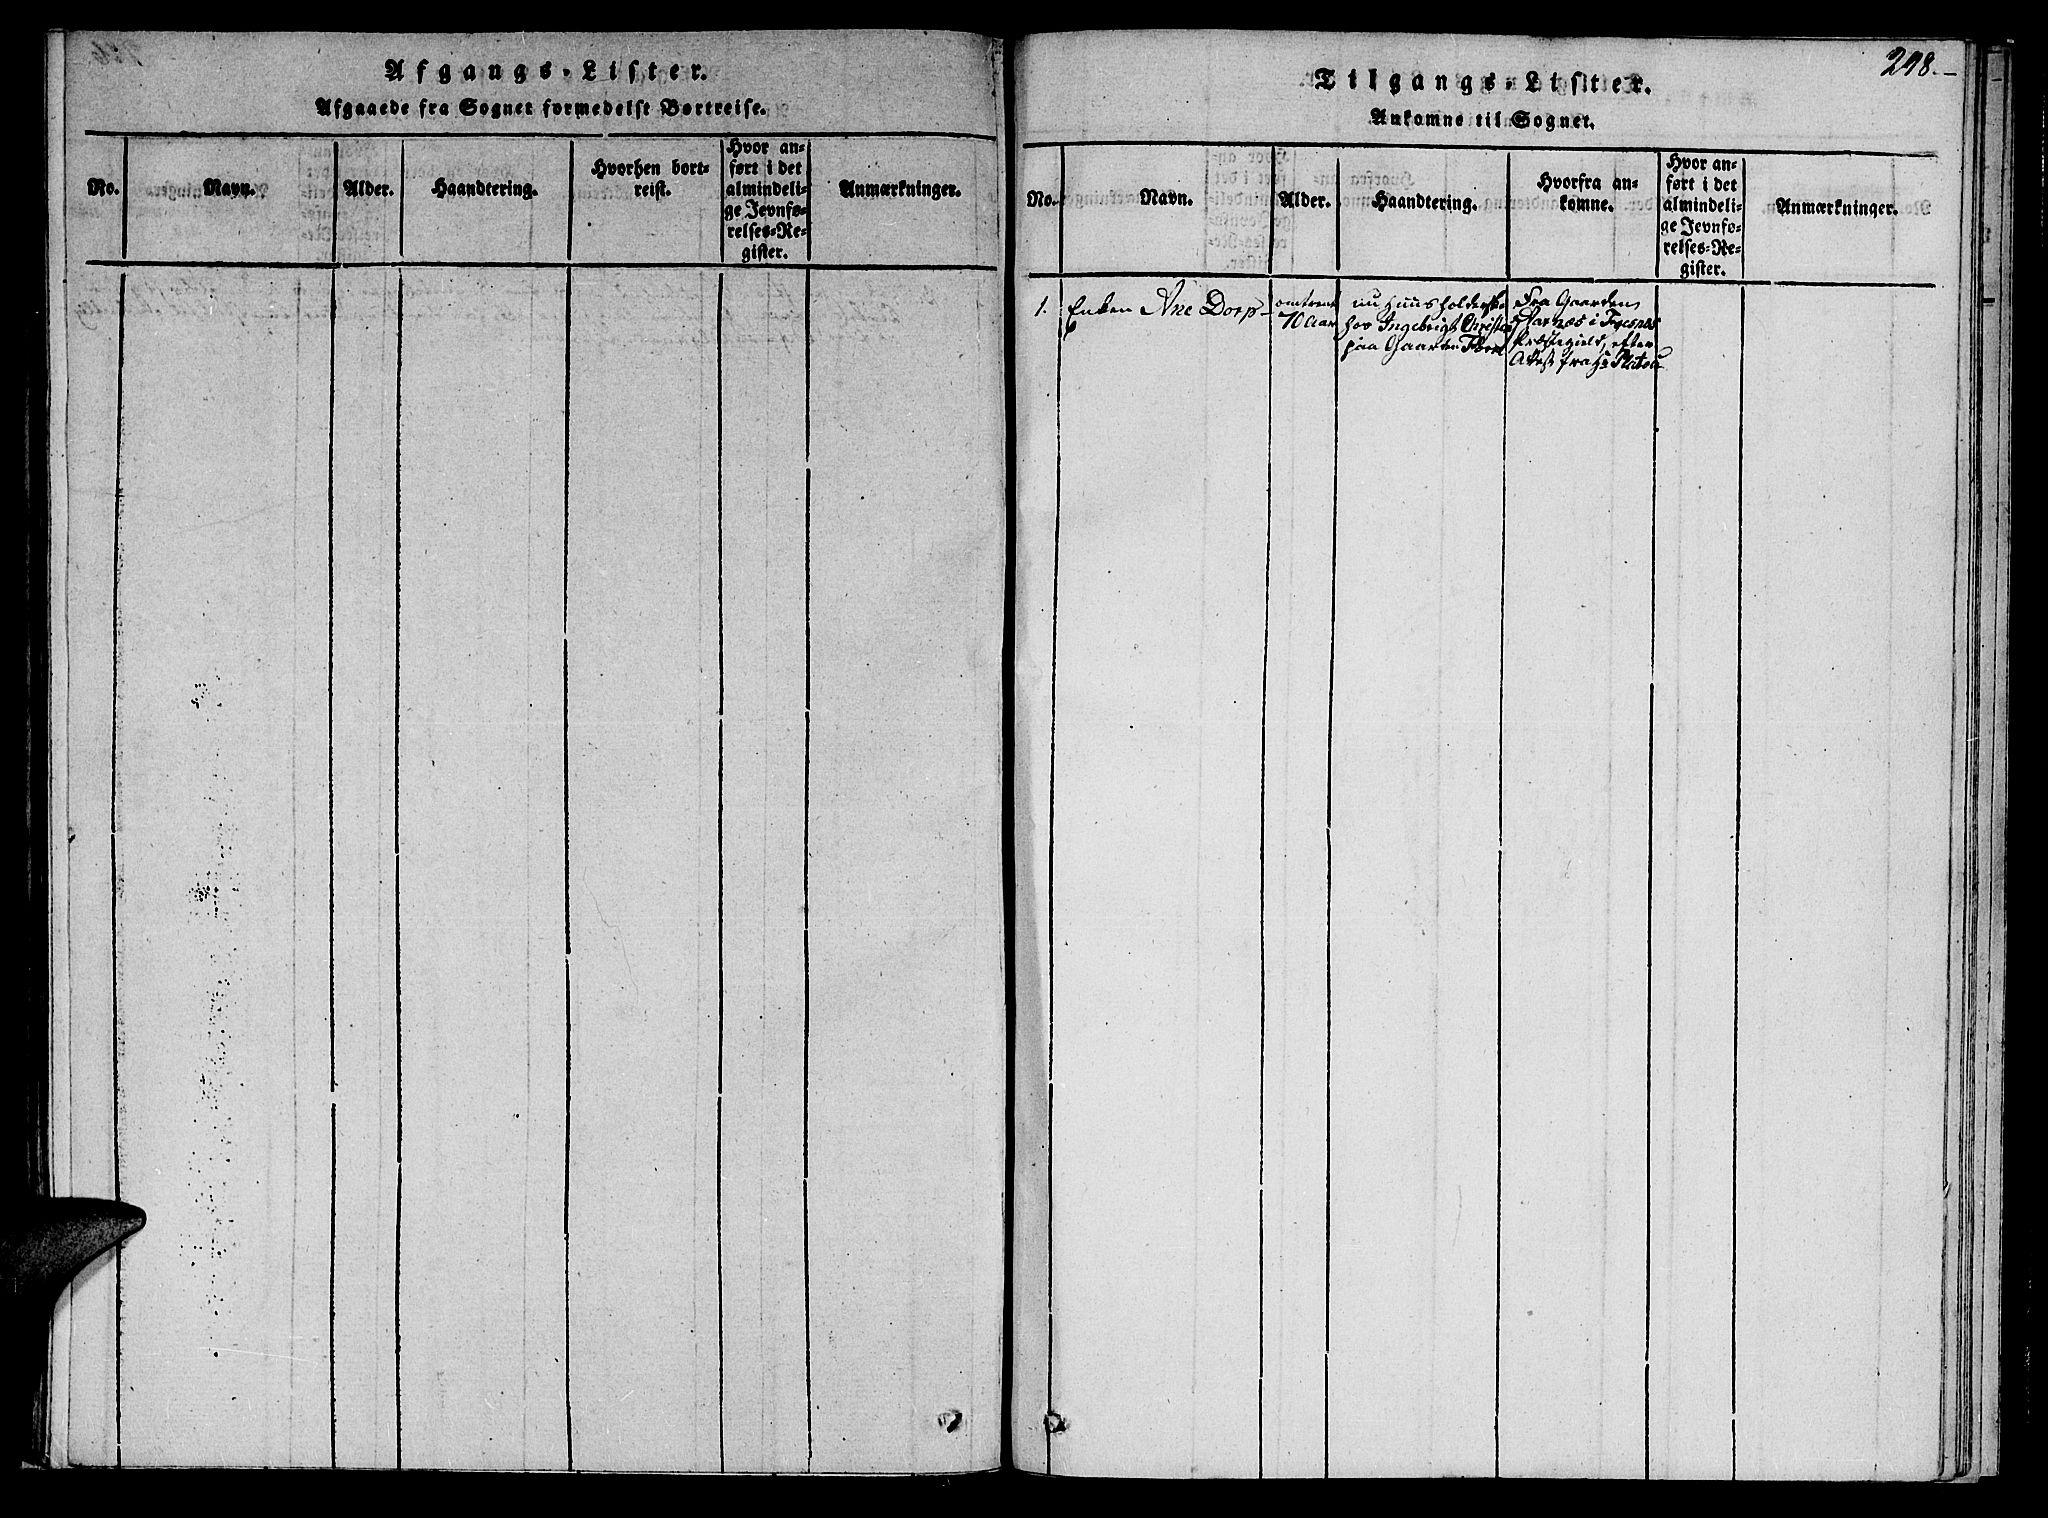 SAT, Ministerialprotokoller, klokkerbøker og fødselsregistre - Nord-Trøndelag, 766/L0565: Klokkerbok nr. 767C01, 1817-1823, s. 298